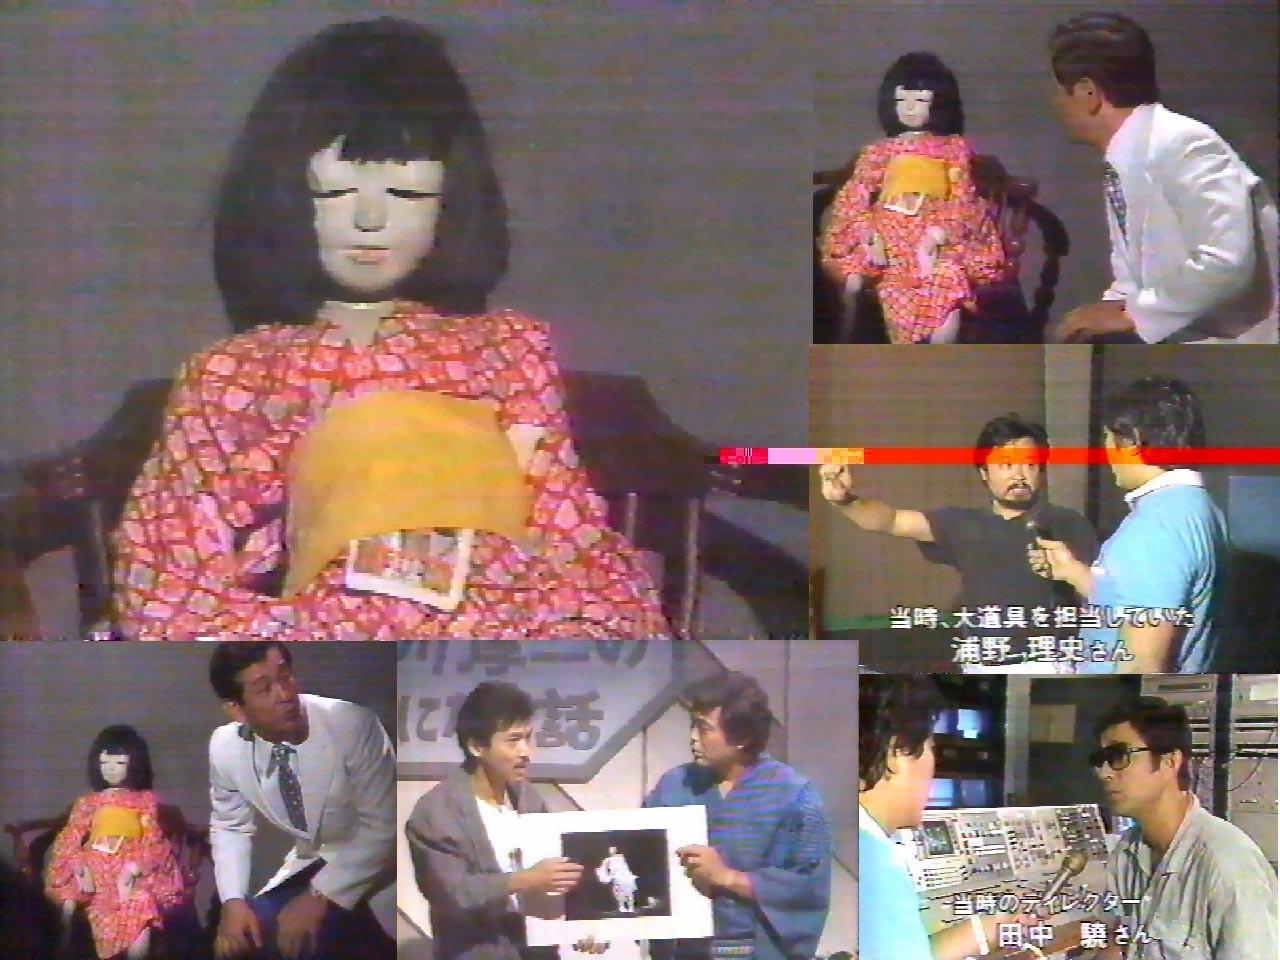 稲川淳二の怪談で一番怖い話といえば「生き人形」だよな